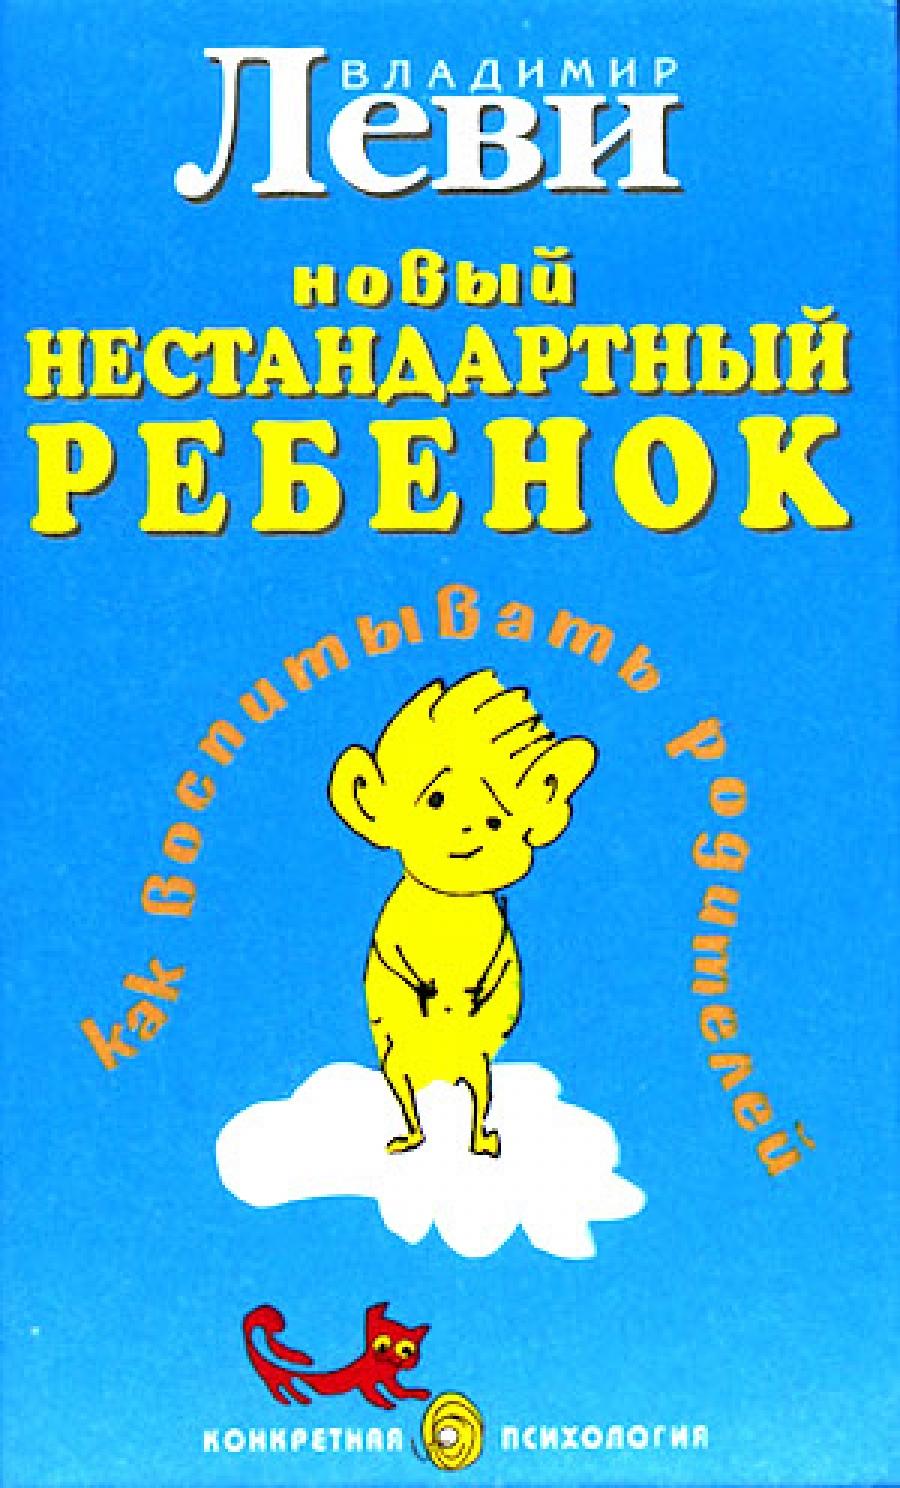 Новый нестандартный ребенок владимир леви скачать fb2